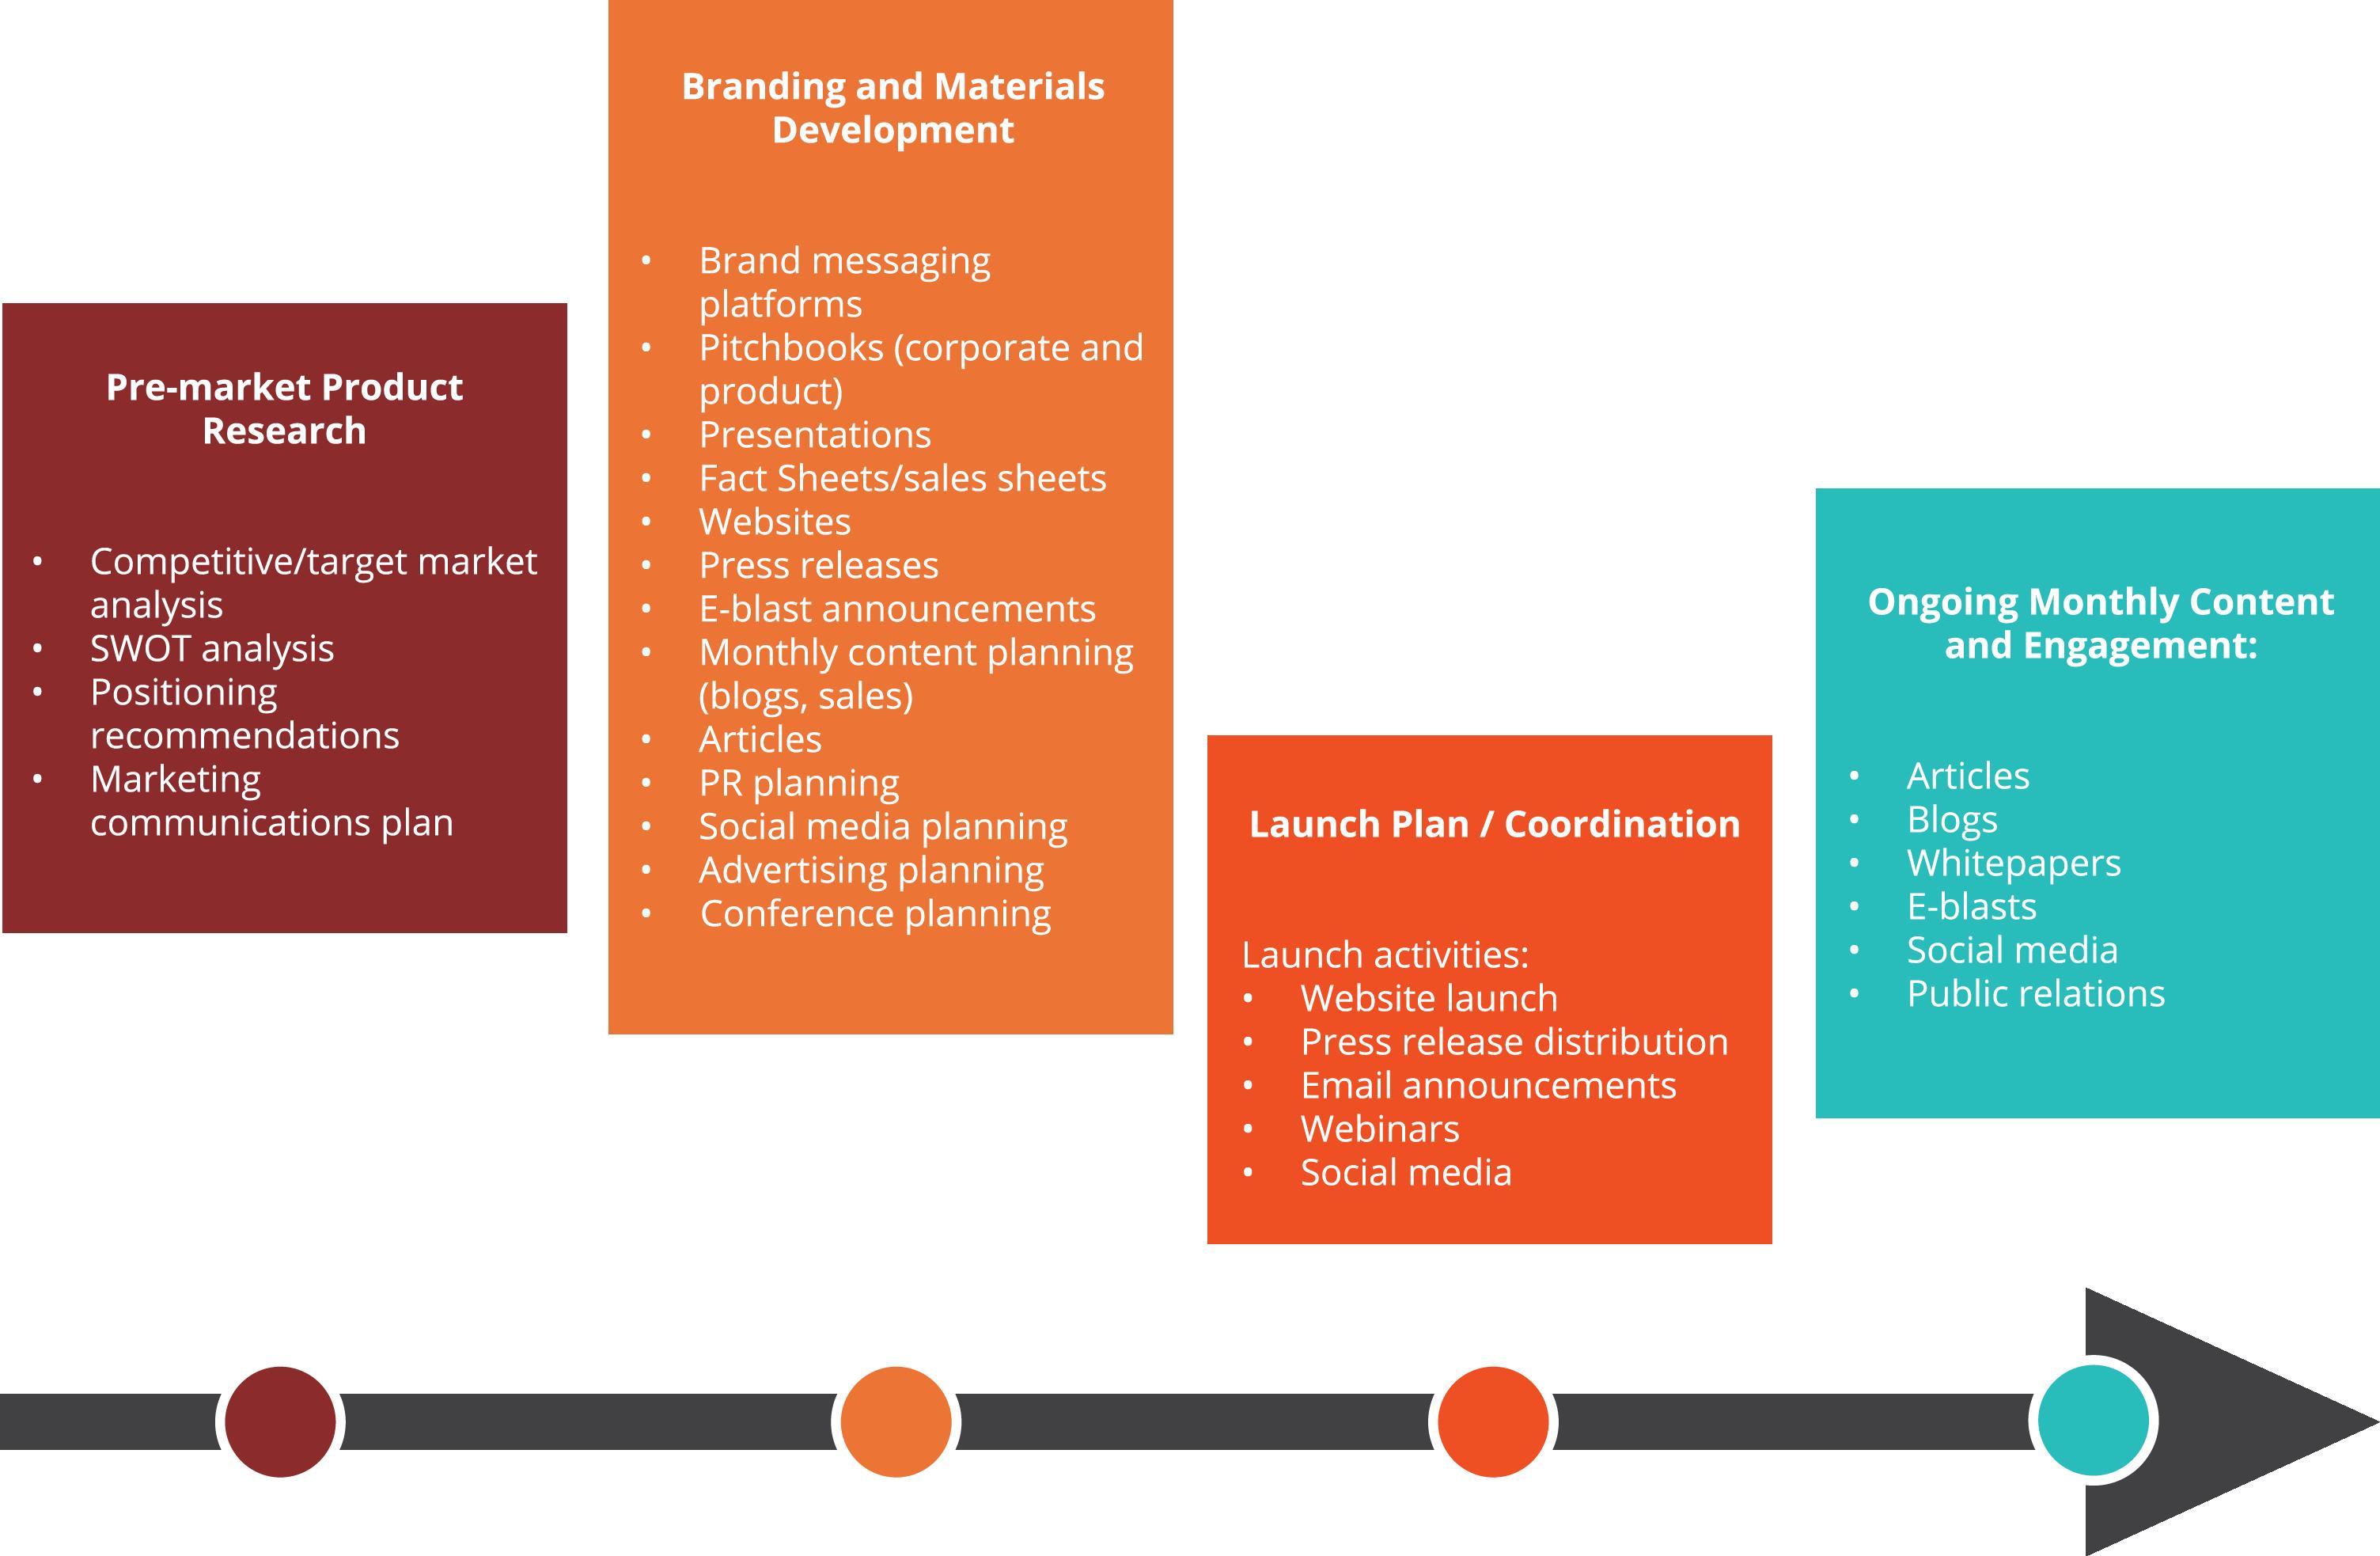 Planning clipart communication plan. Services az communications website